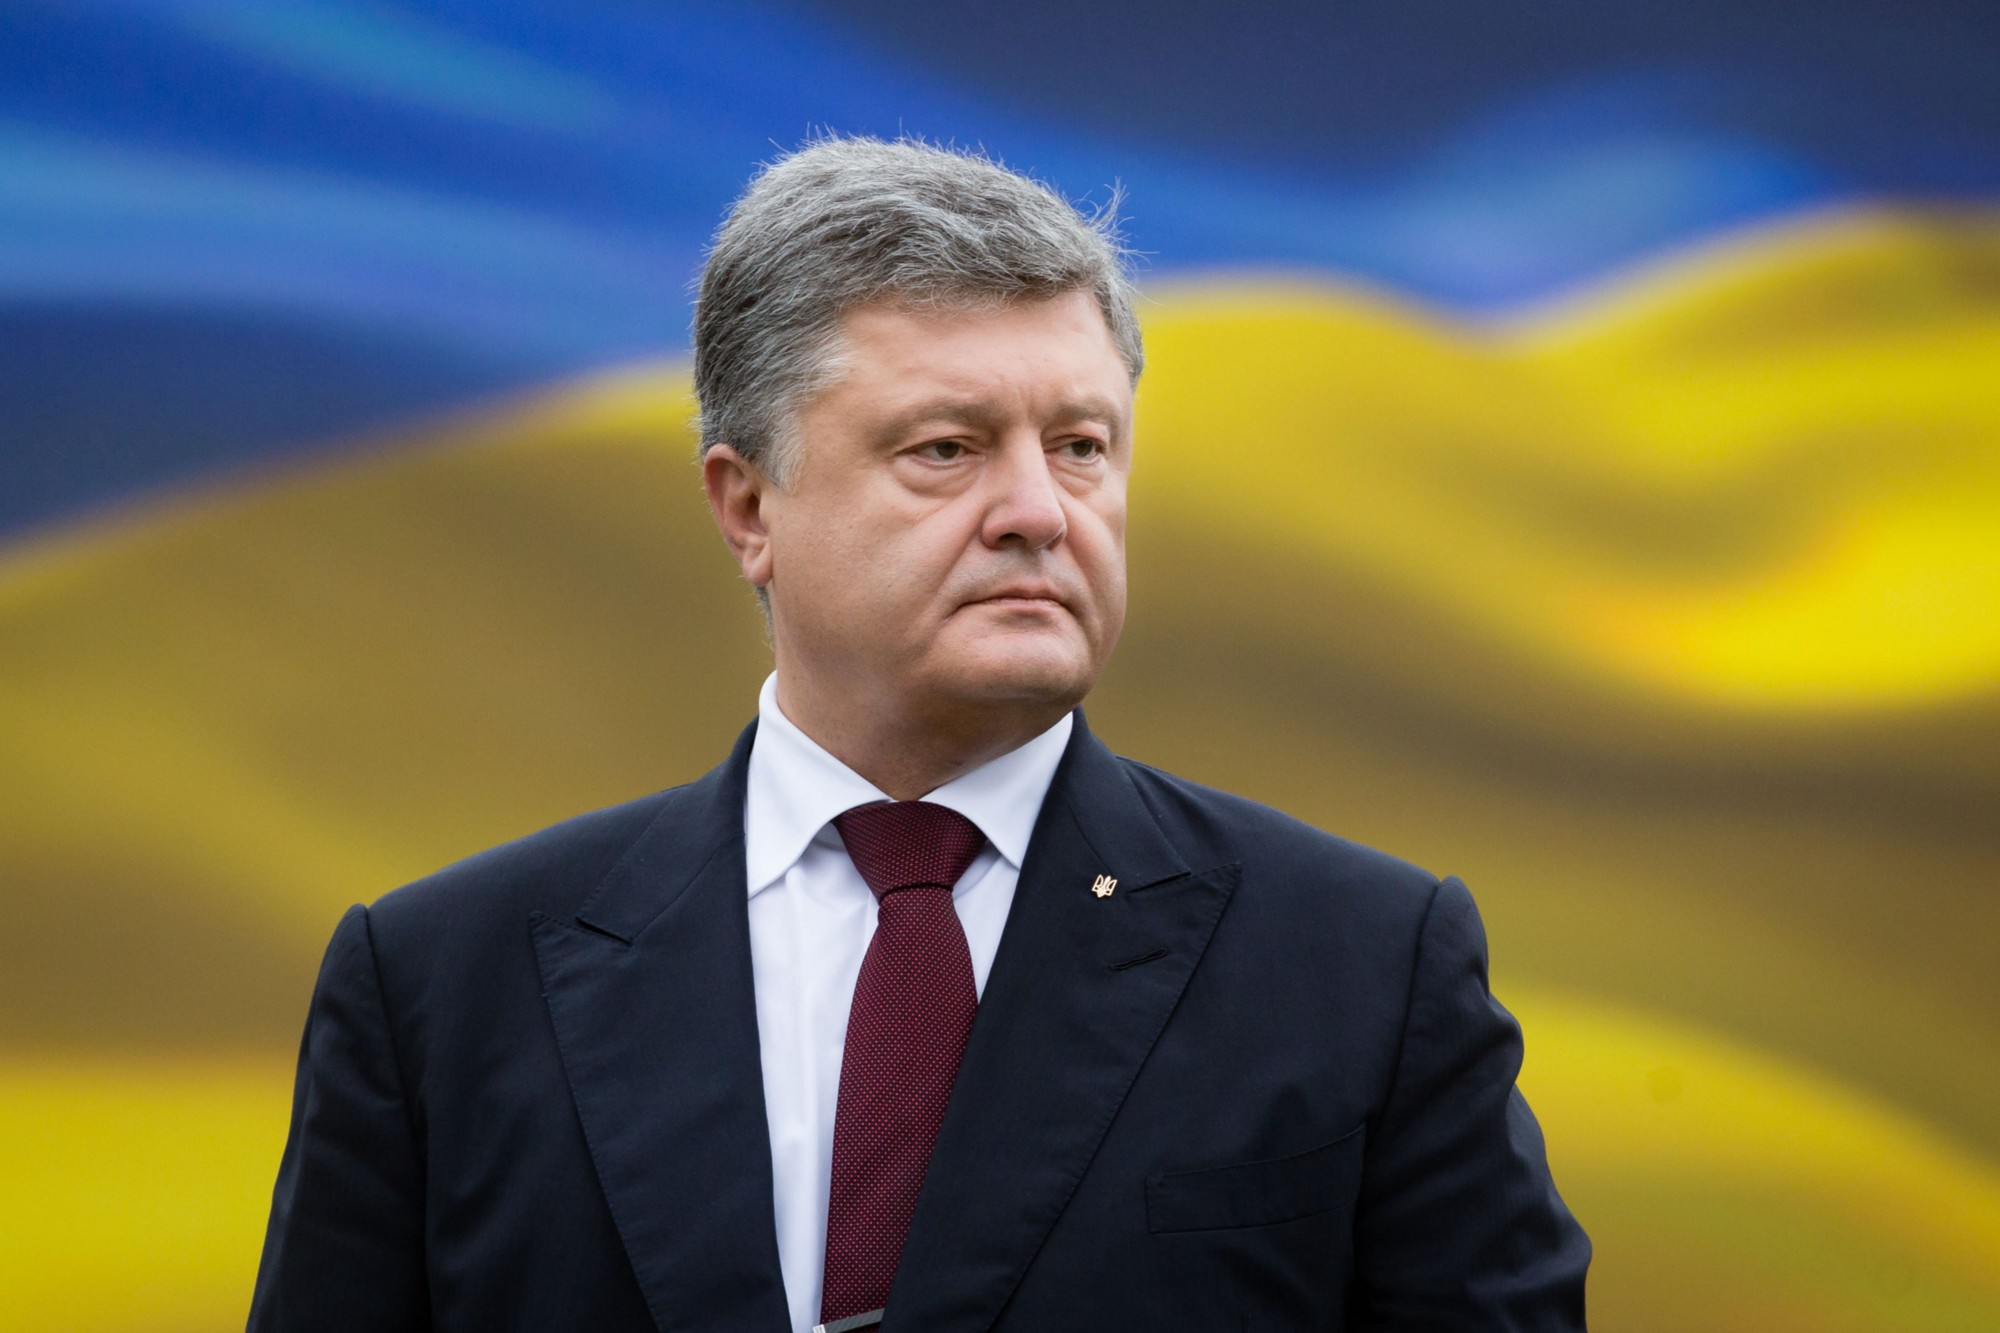 Порошенко в Одессе сделал мощное заявление о поражении Путина: от этих слов Кремль придет в ярость - подробности